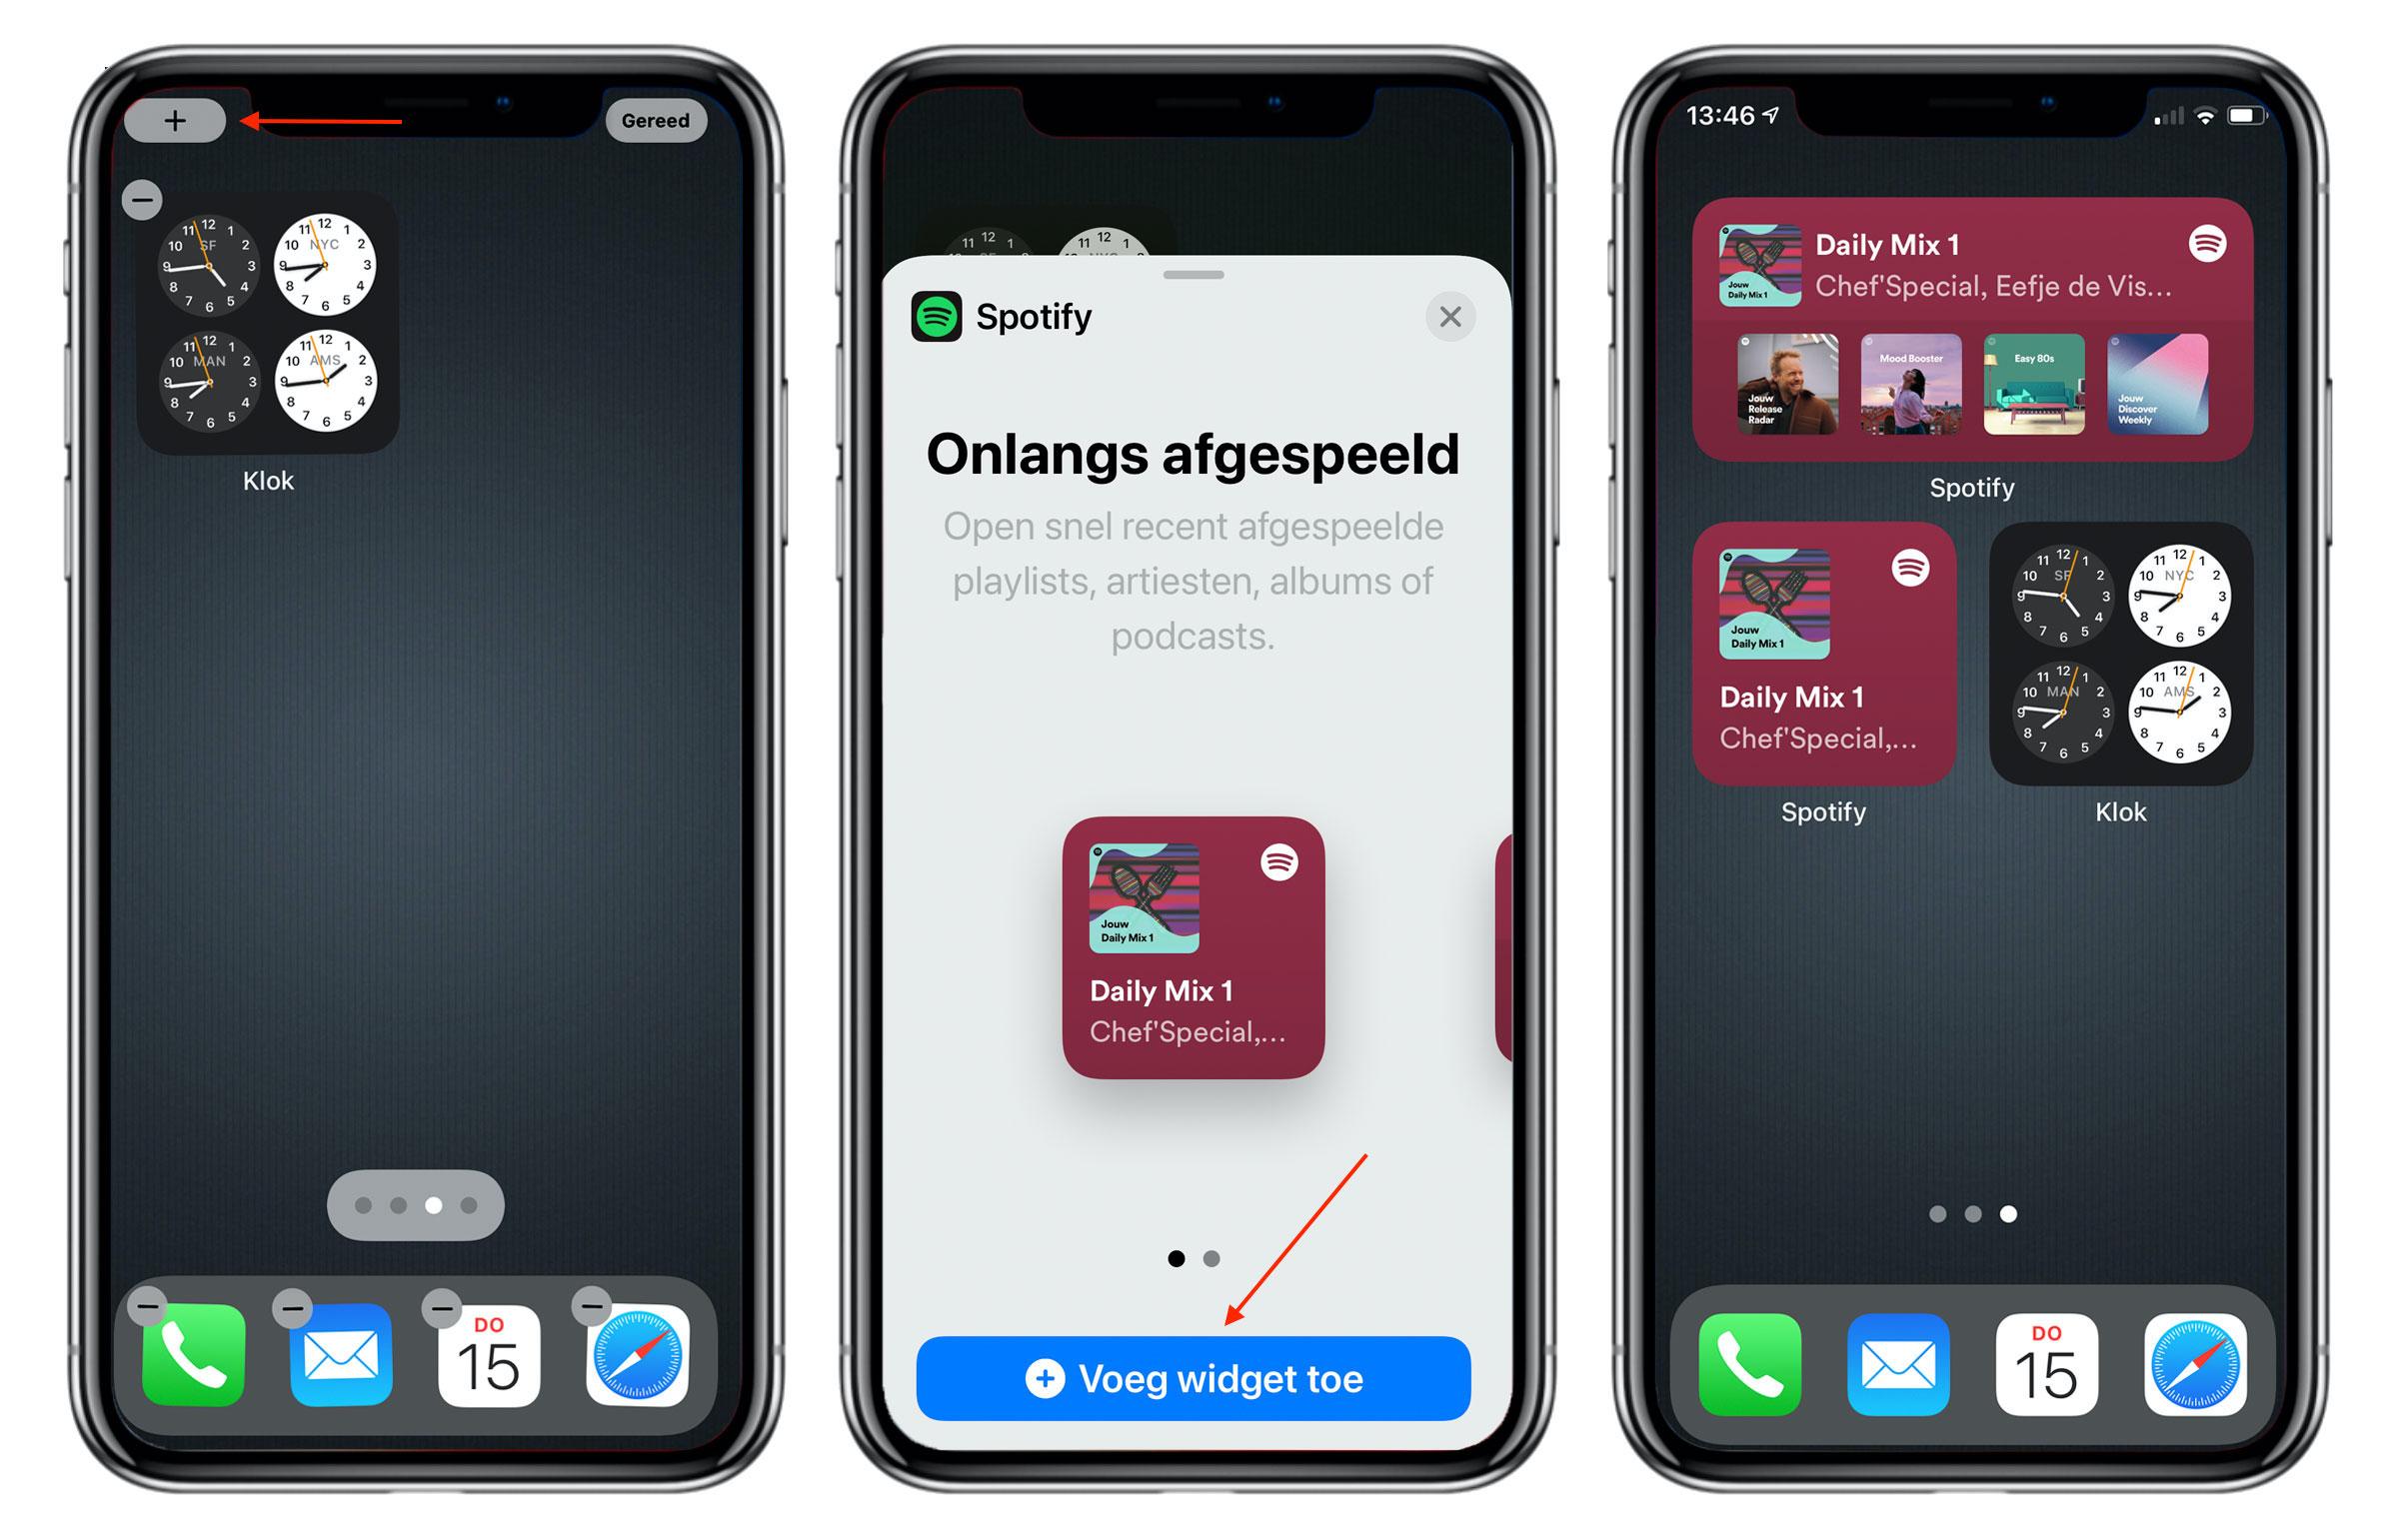 https://www.macfreak.nl/modules/news/images/zArt.SpotifyWidgets.jpg